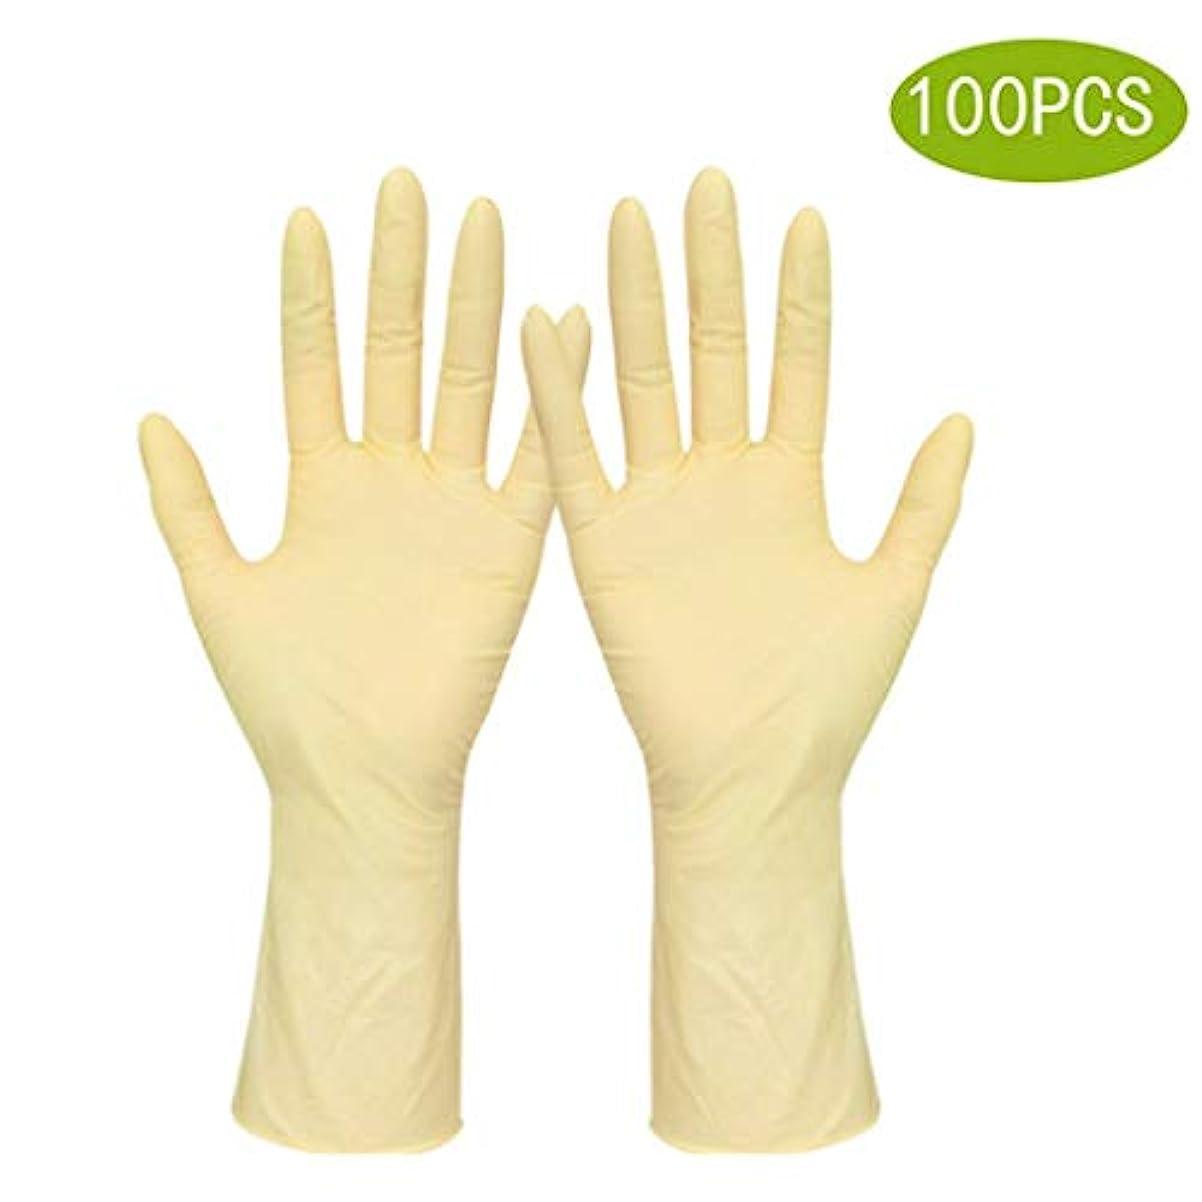 ハグ自分の厚いラテックス手袋4ミル使い捨て手袋 - 試験グレード、パウダーフリー、テクスチャード加工、非滅菌、小、100個入り (Size : S)